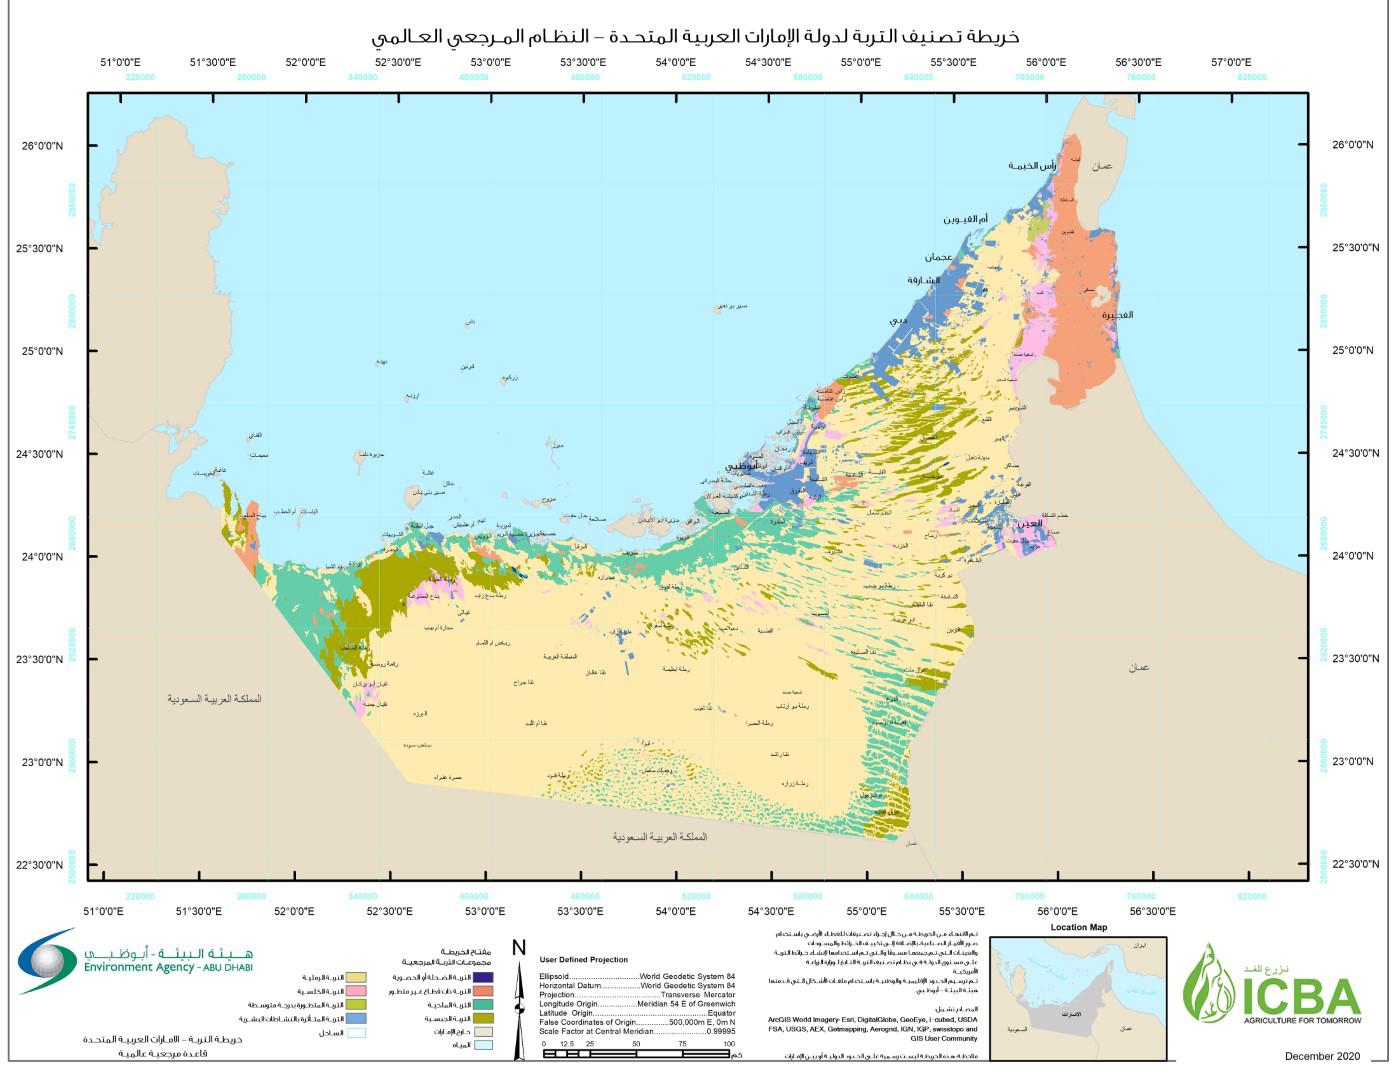 هيئة البيئة في أبوظبي تطلق خارطة التربة على مستوى الإمارات باستخدام النظام المرجعي العالمي